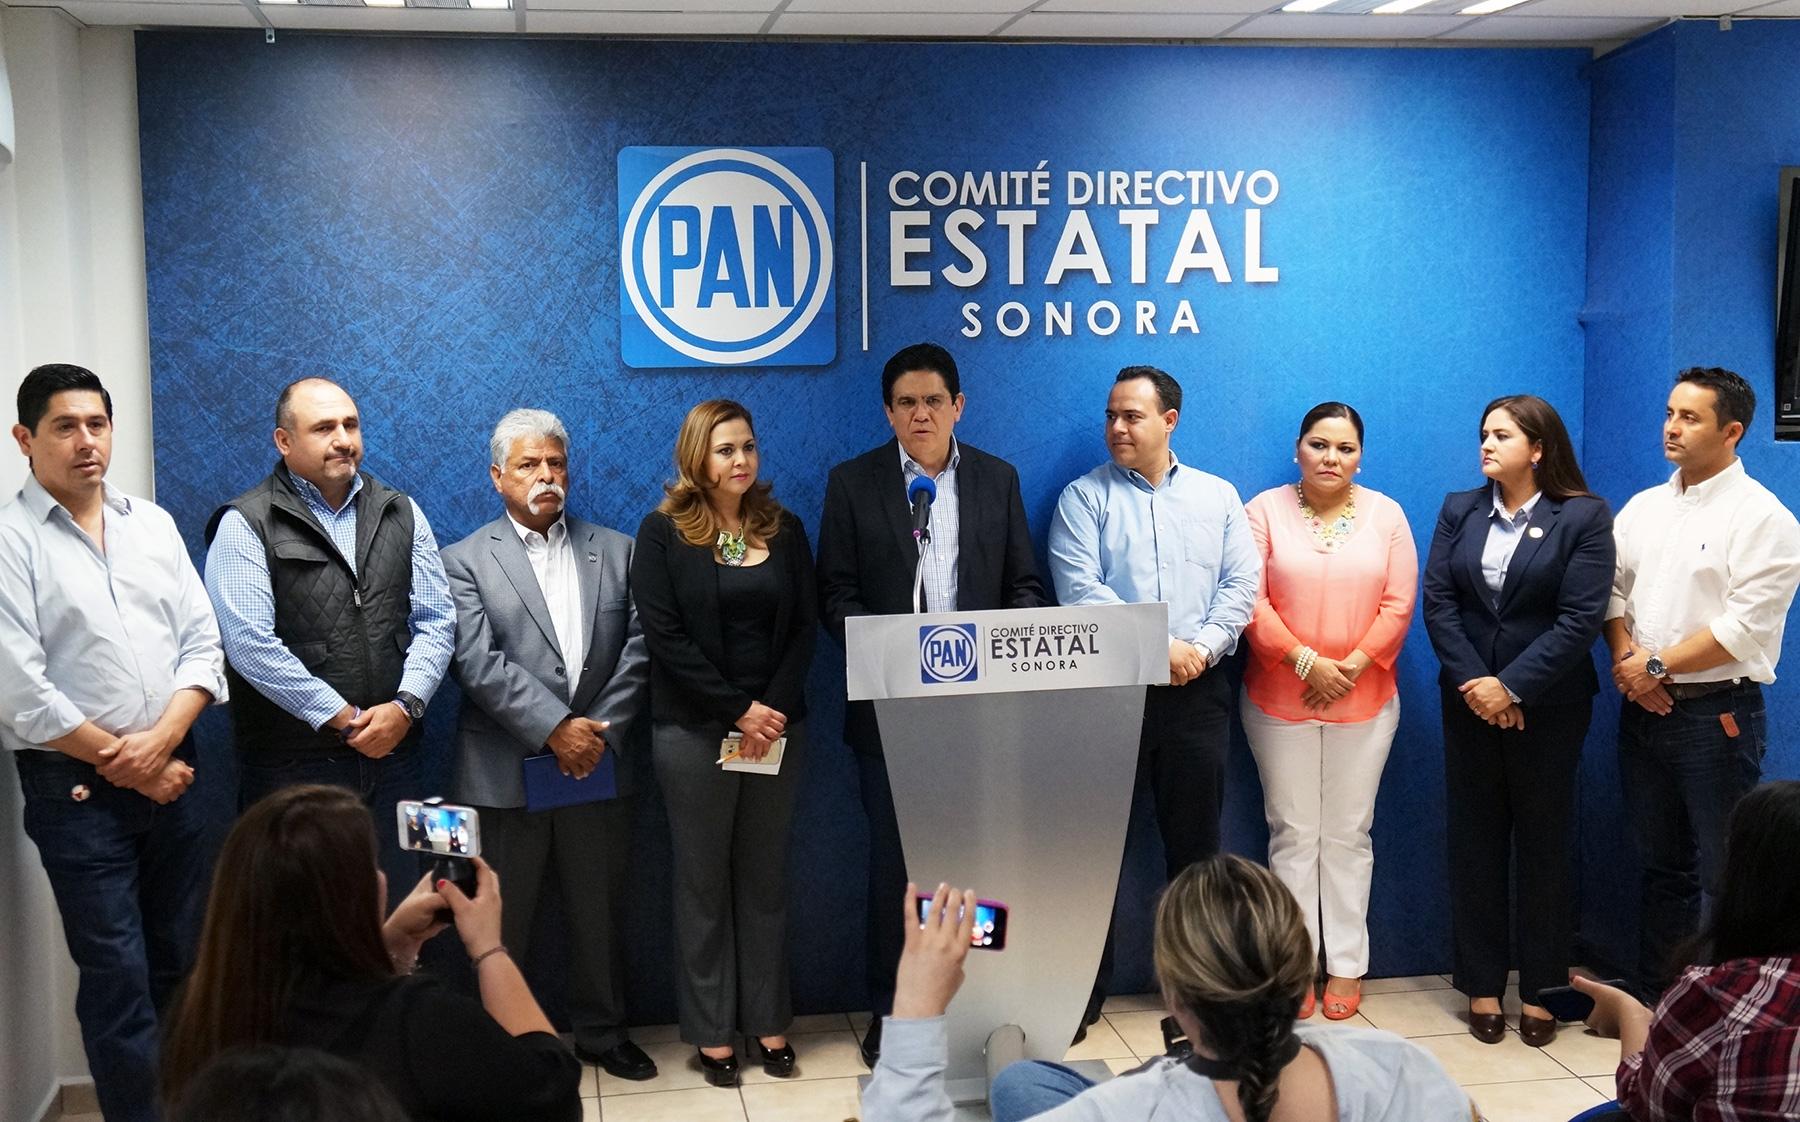 El Presidente del Comité Estatal, Leonardo Guillén y el líder parlamentario albiazul Moisés Gómez Reyna destacaron que cada vez es más importante en Sonora la construcción de consensos y acuerdos.